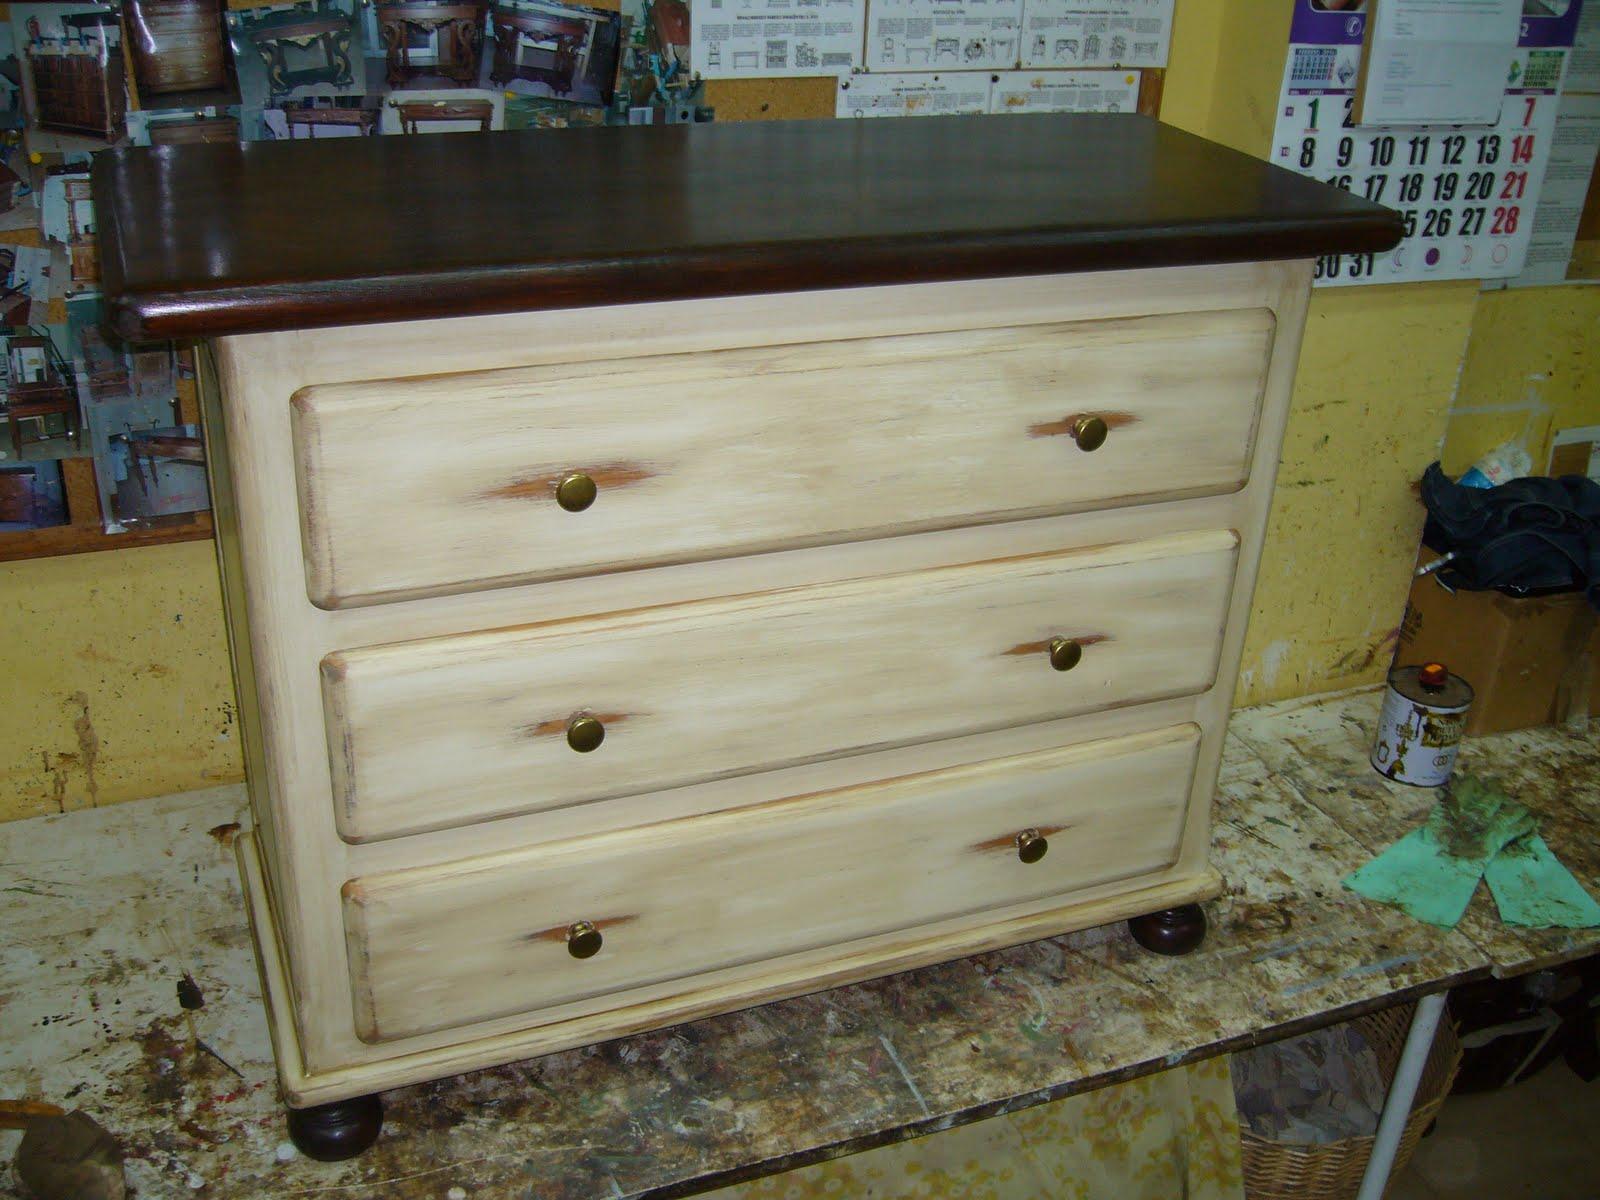 La restauradora muebles patinados algunos trabajos for Pintura de muebles de madera